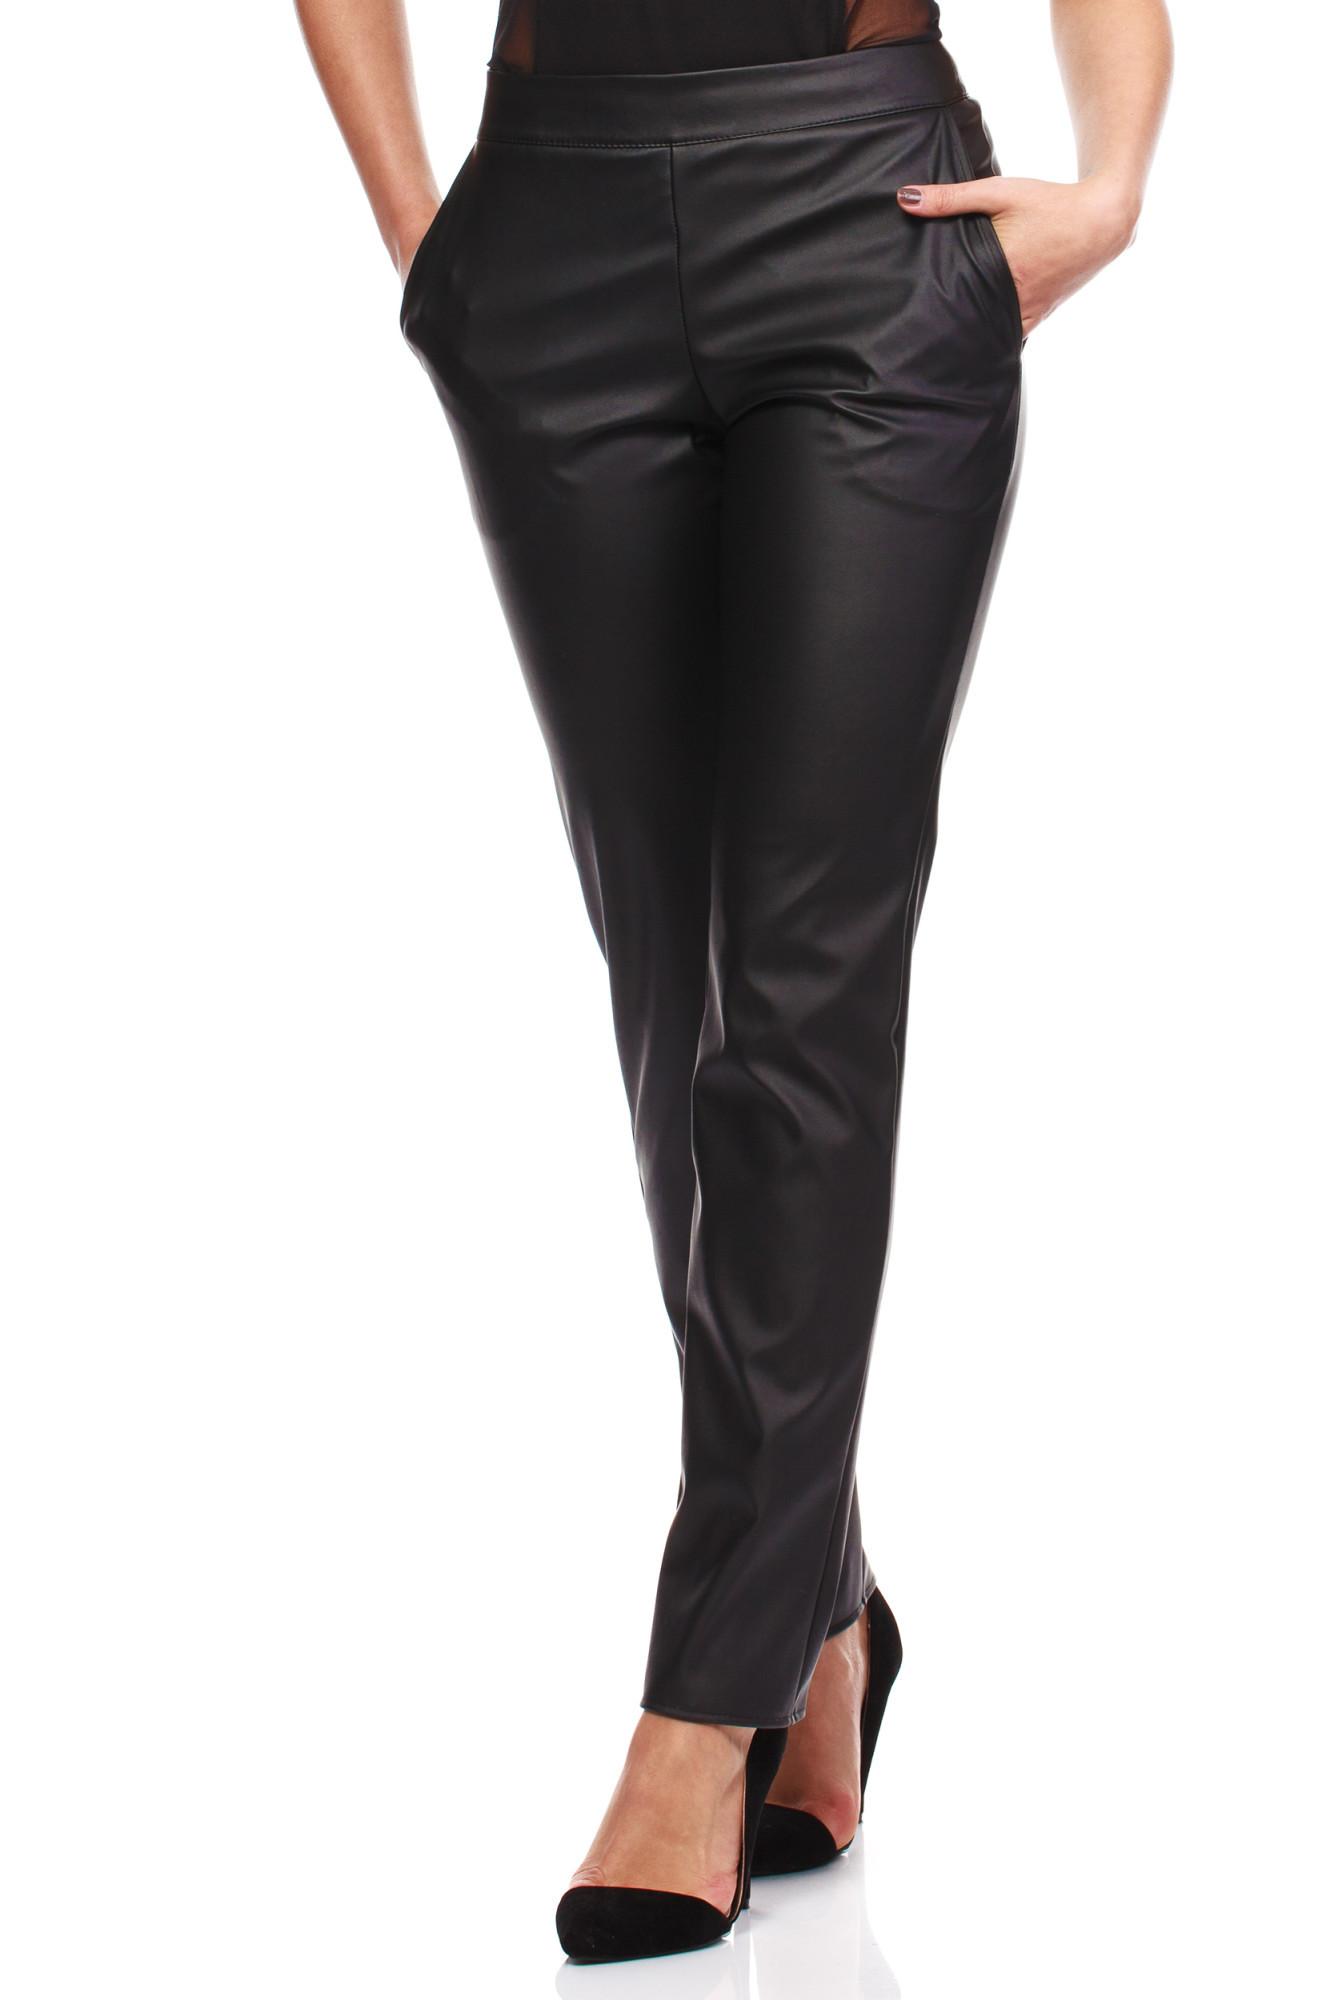 Dámské kalhoty model 35781 Moe M